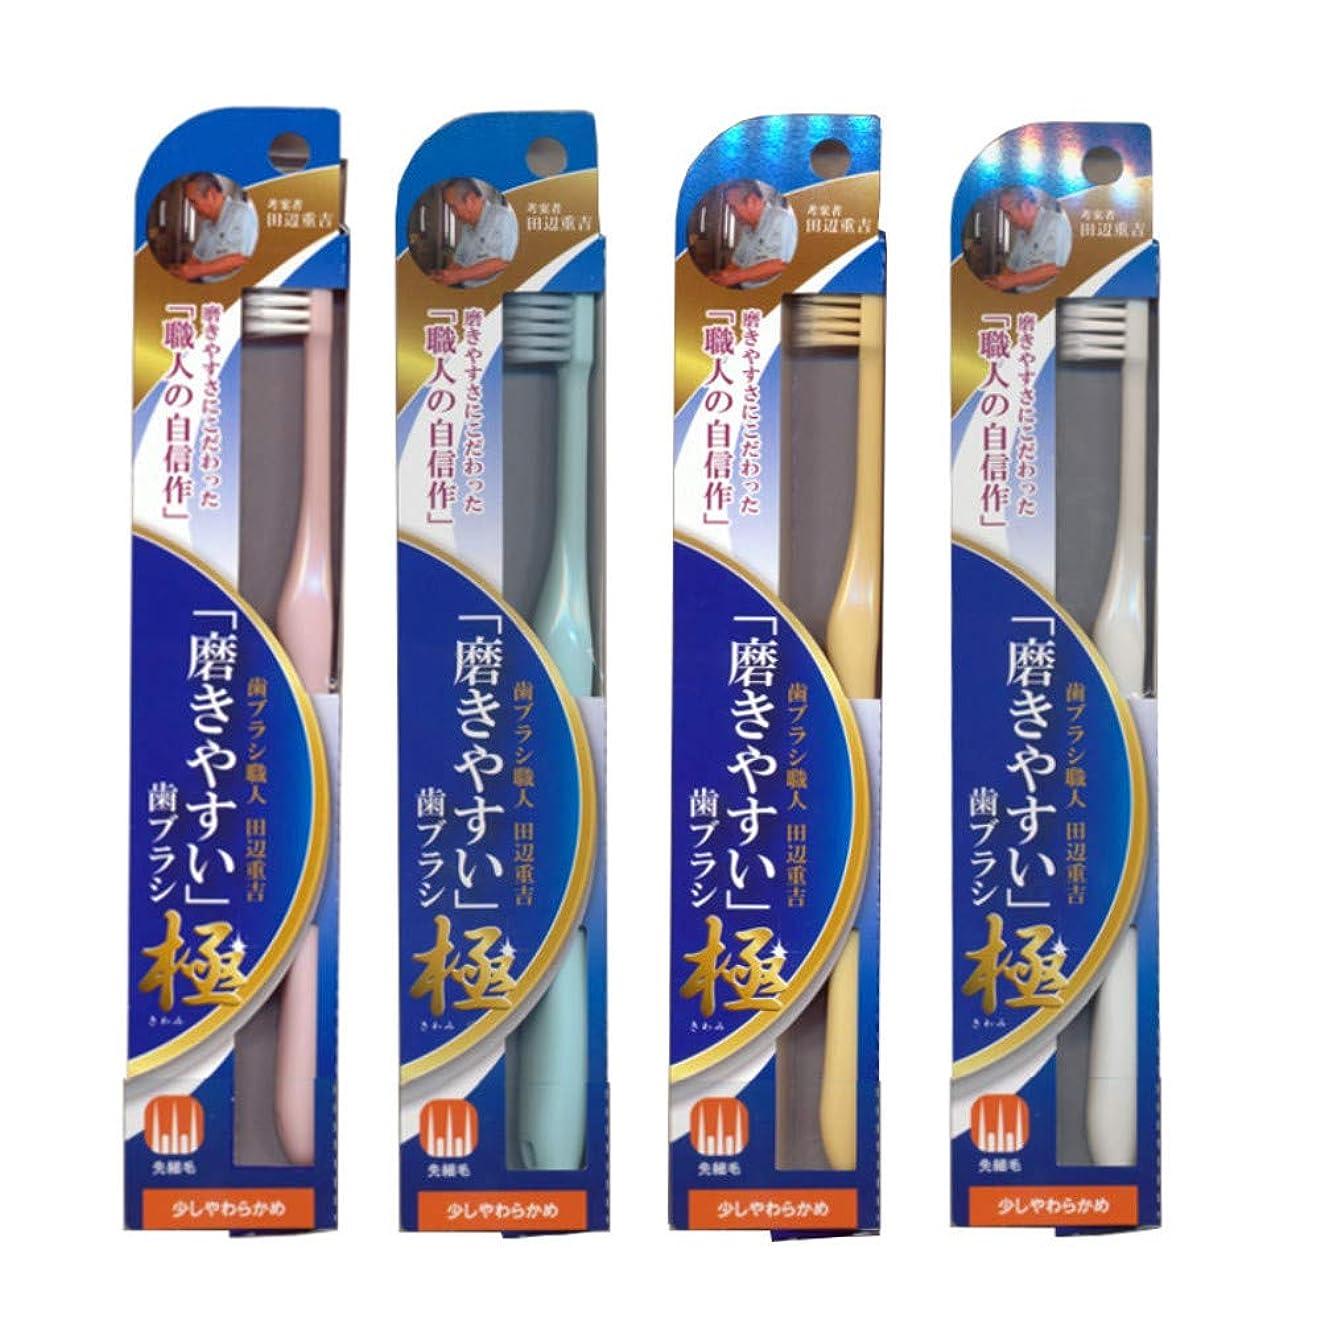 スポット最大の伝統的磨きやすい歯ブラシ極 (少し柔らかめ) LT-43×4本セット(ピンク×1、ブルー×1、ホワイト×1、イエロー×1) 先細毛